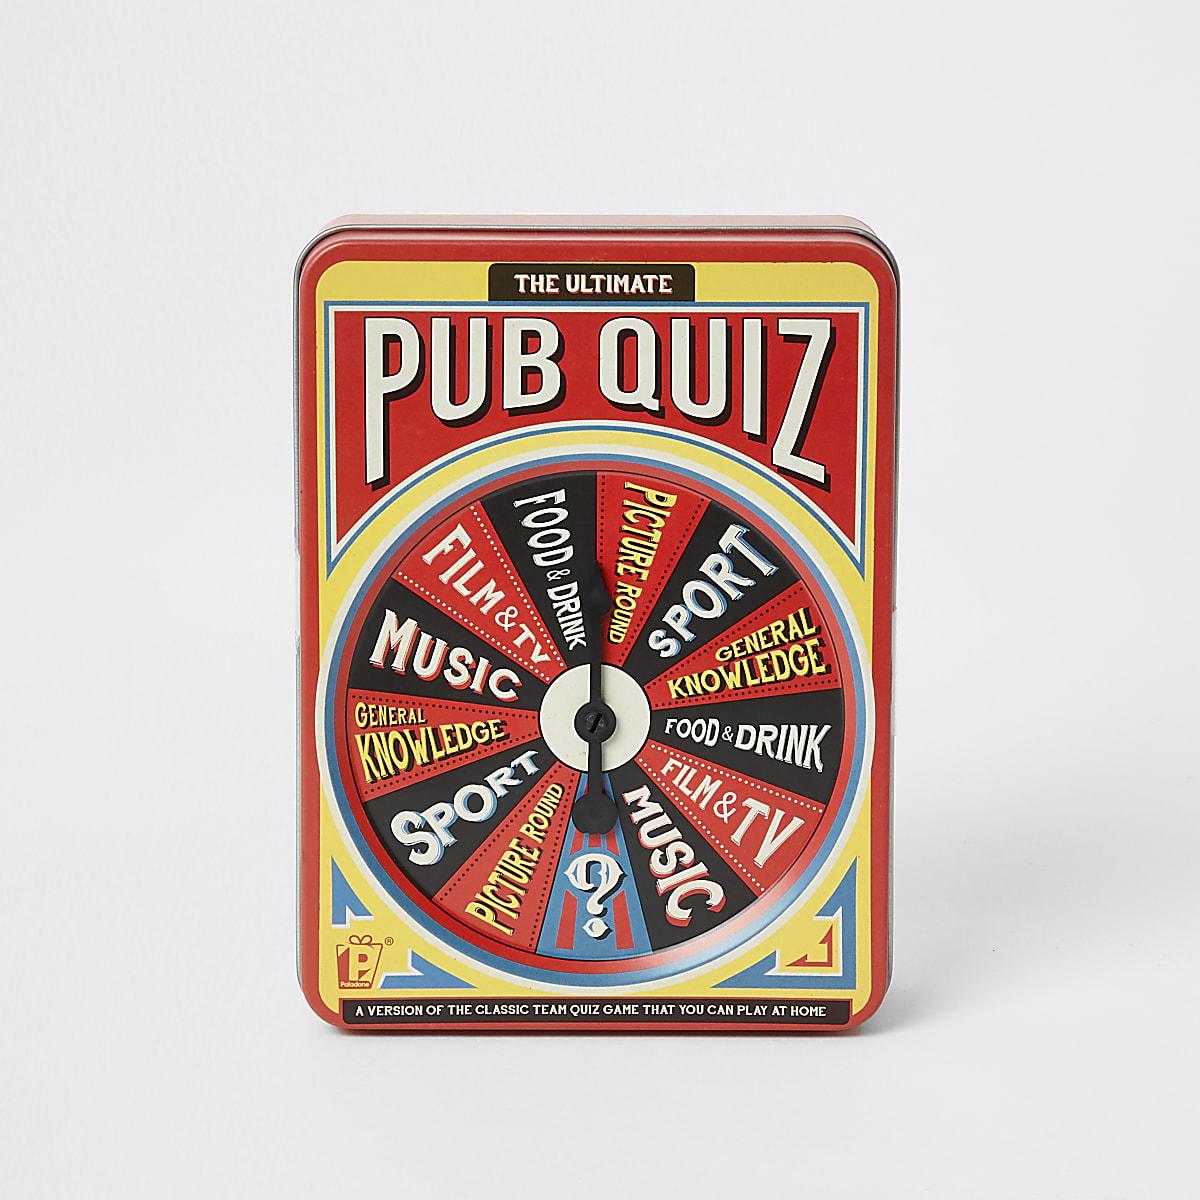 The ultimate pub quiz set